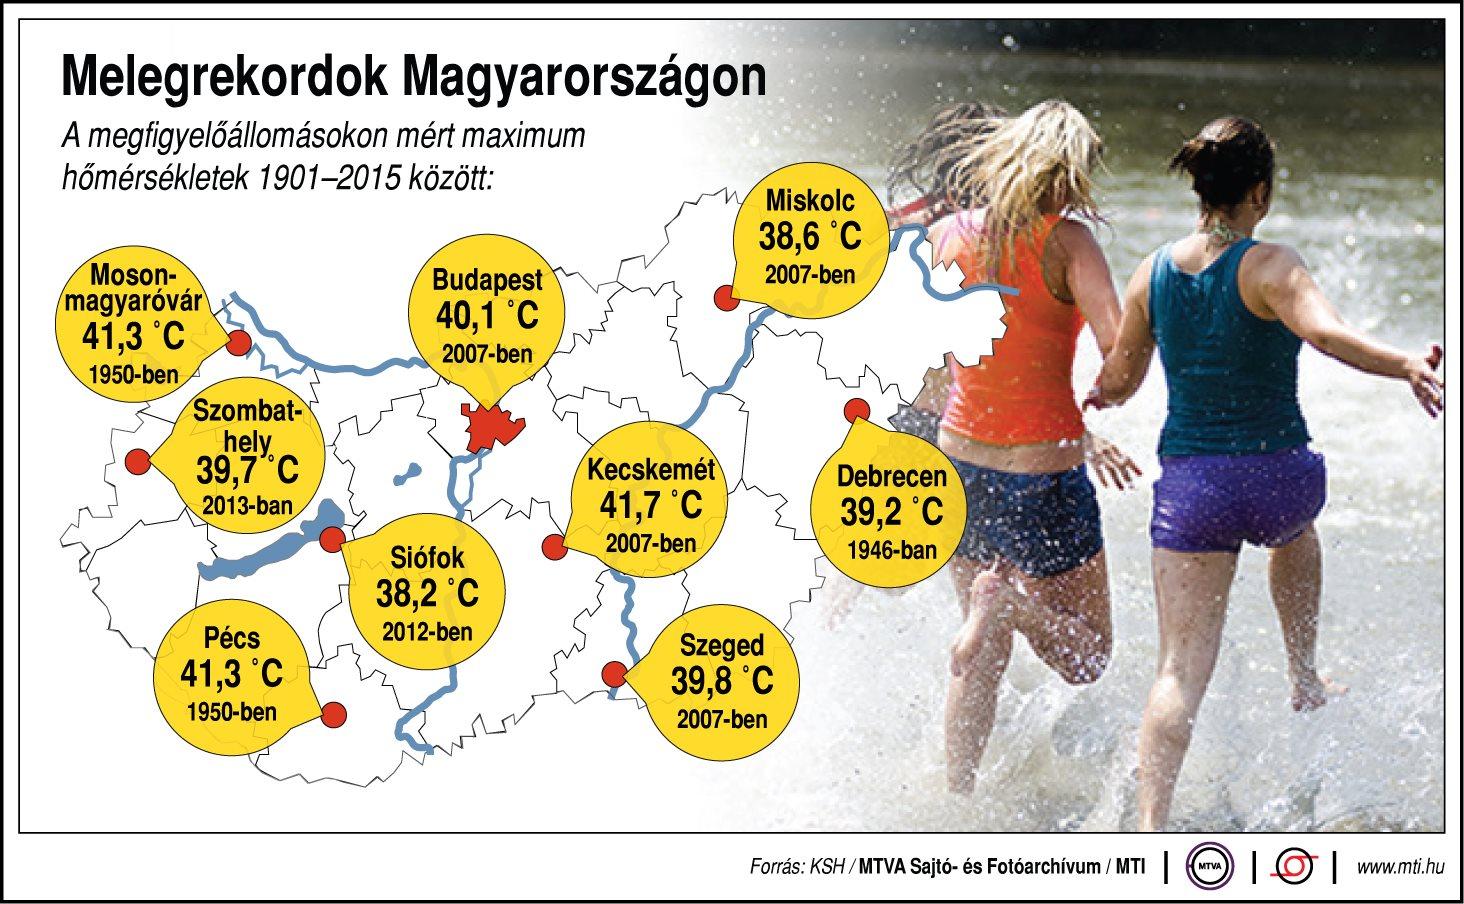 Melegrekordok Magyarországon